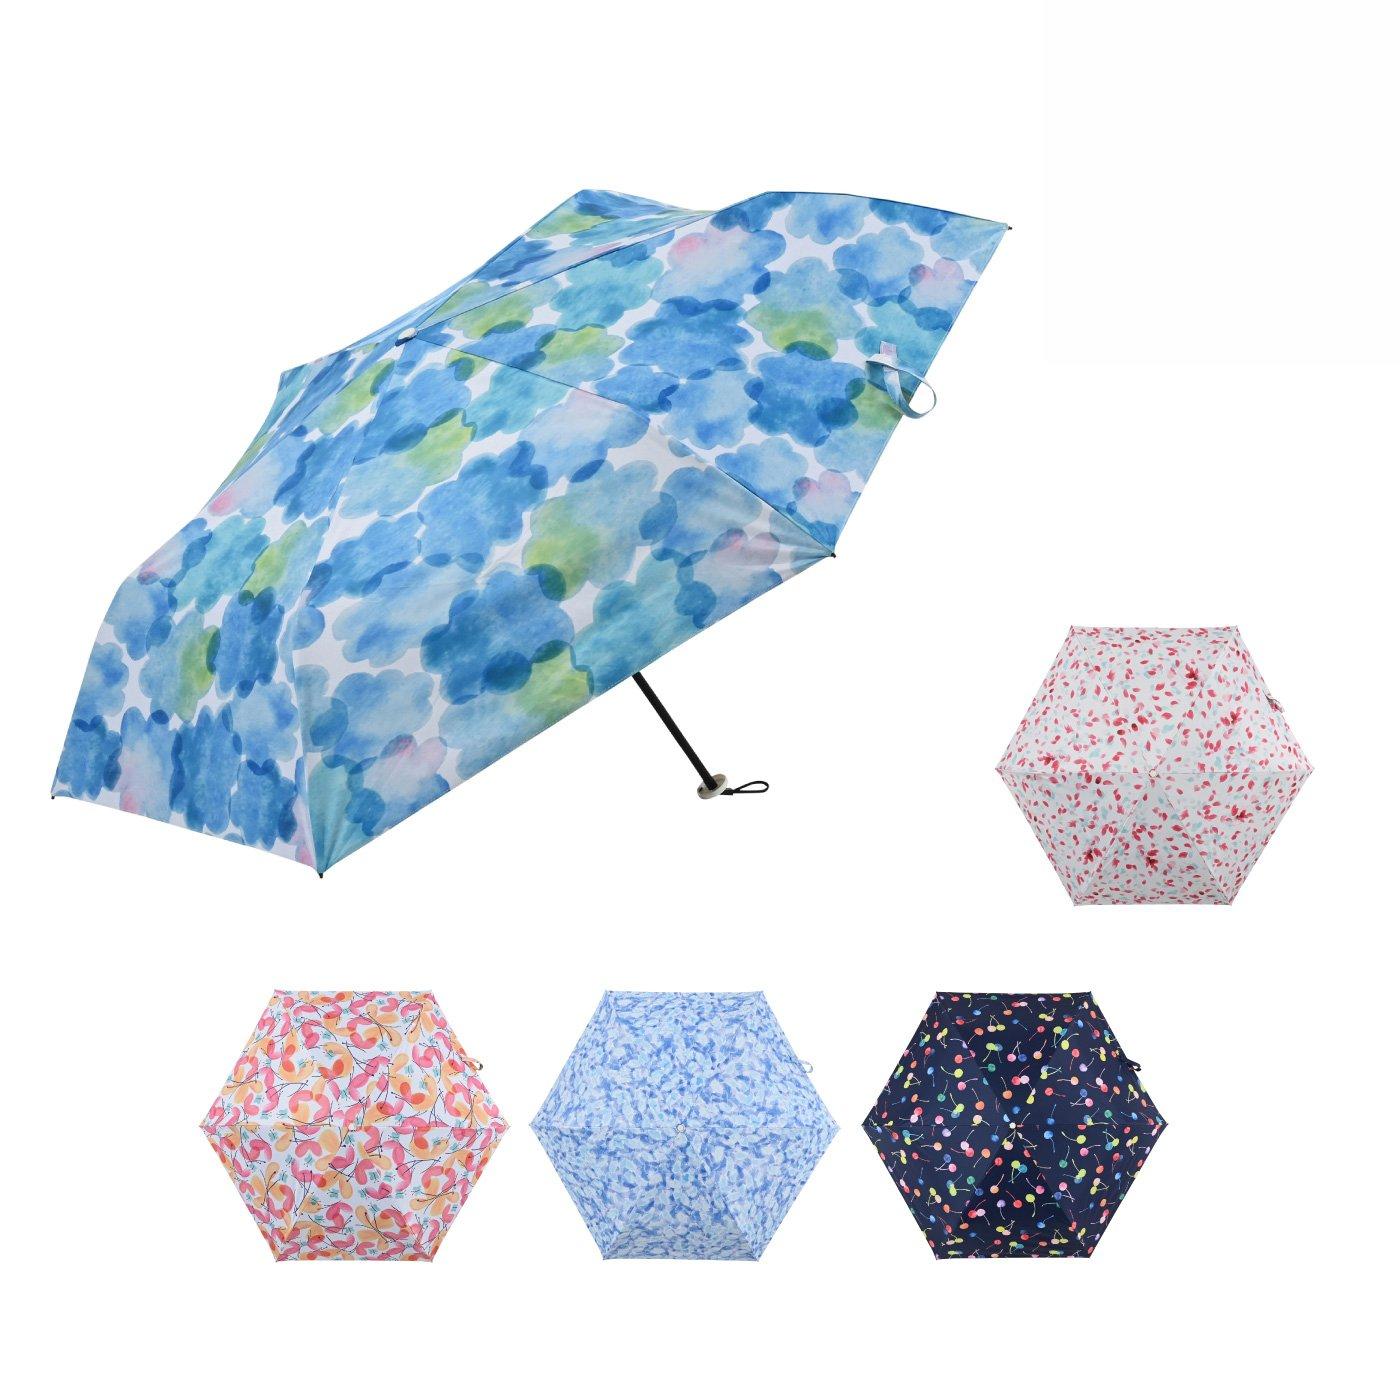 遮光生地を使用した軽量遮光晴雨兼用傘